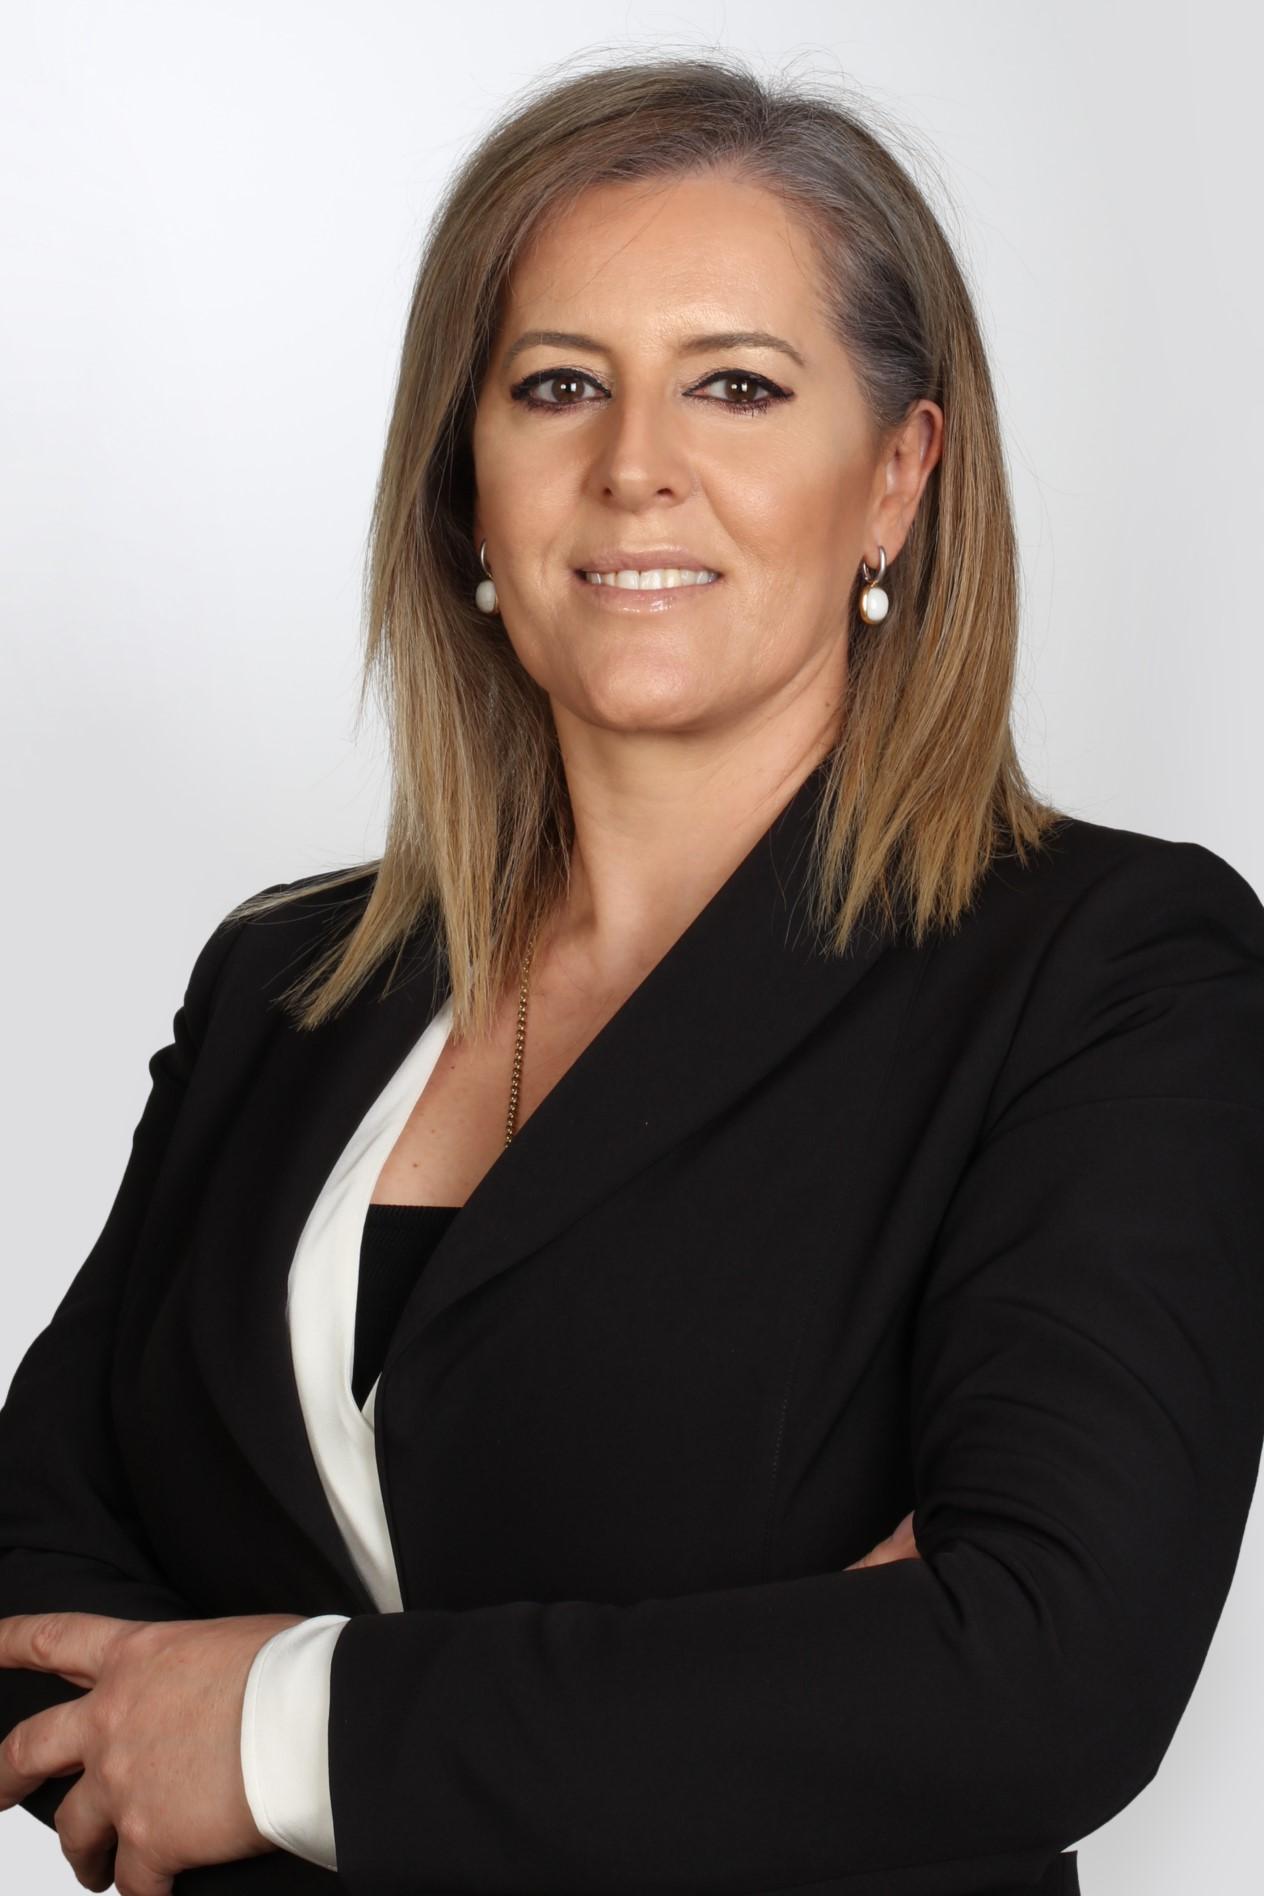 Paula Mainini